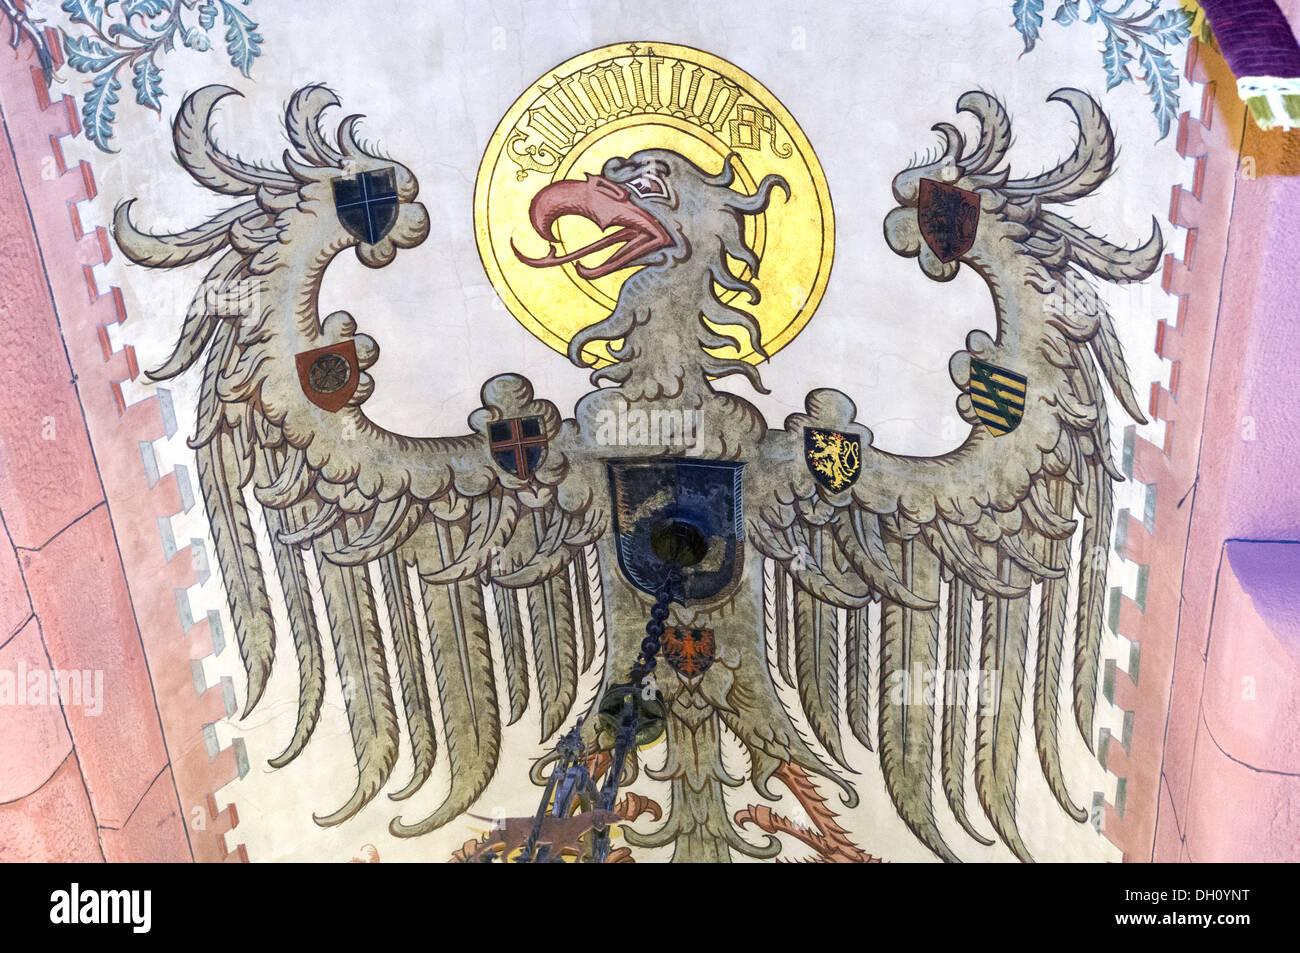 Elk213-1917 Francia, Alsazia, Haut Koenigsbourg Chateau, xv c, soffitto dipinto Immagini Stock